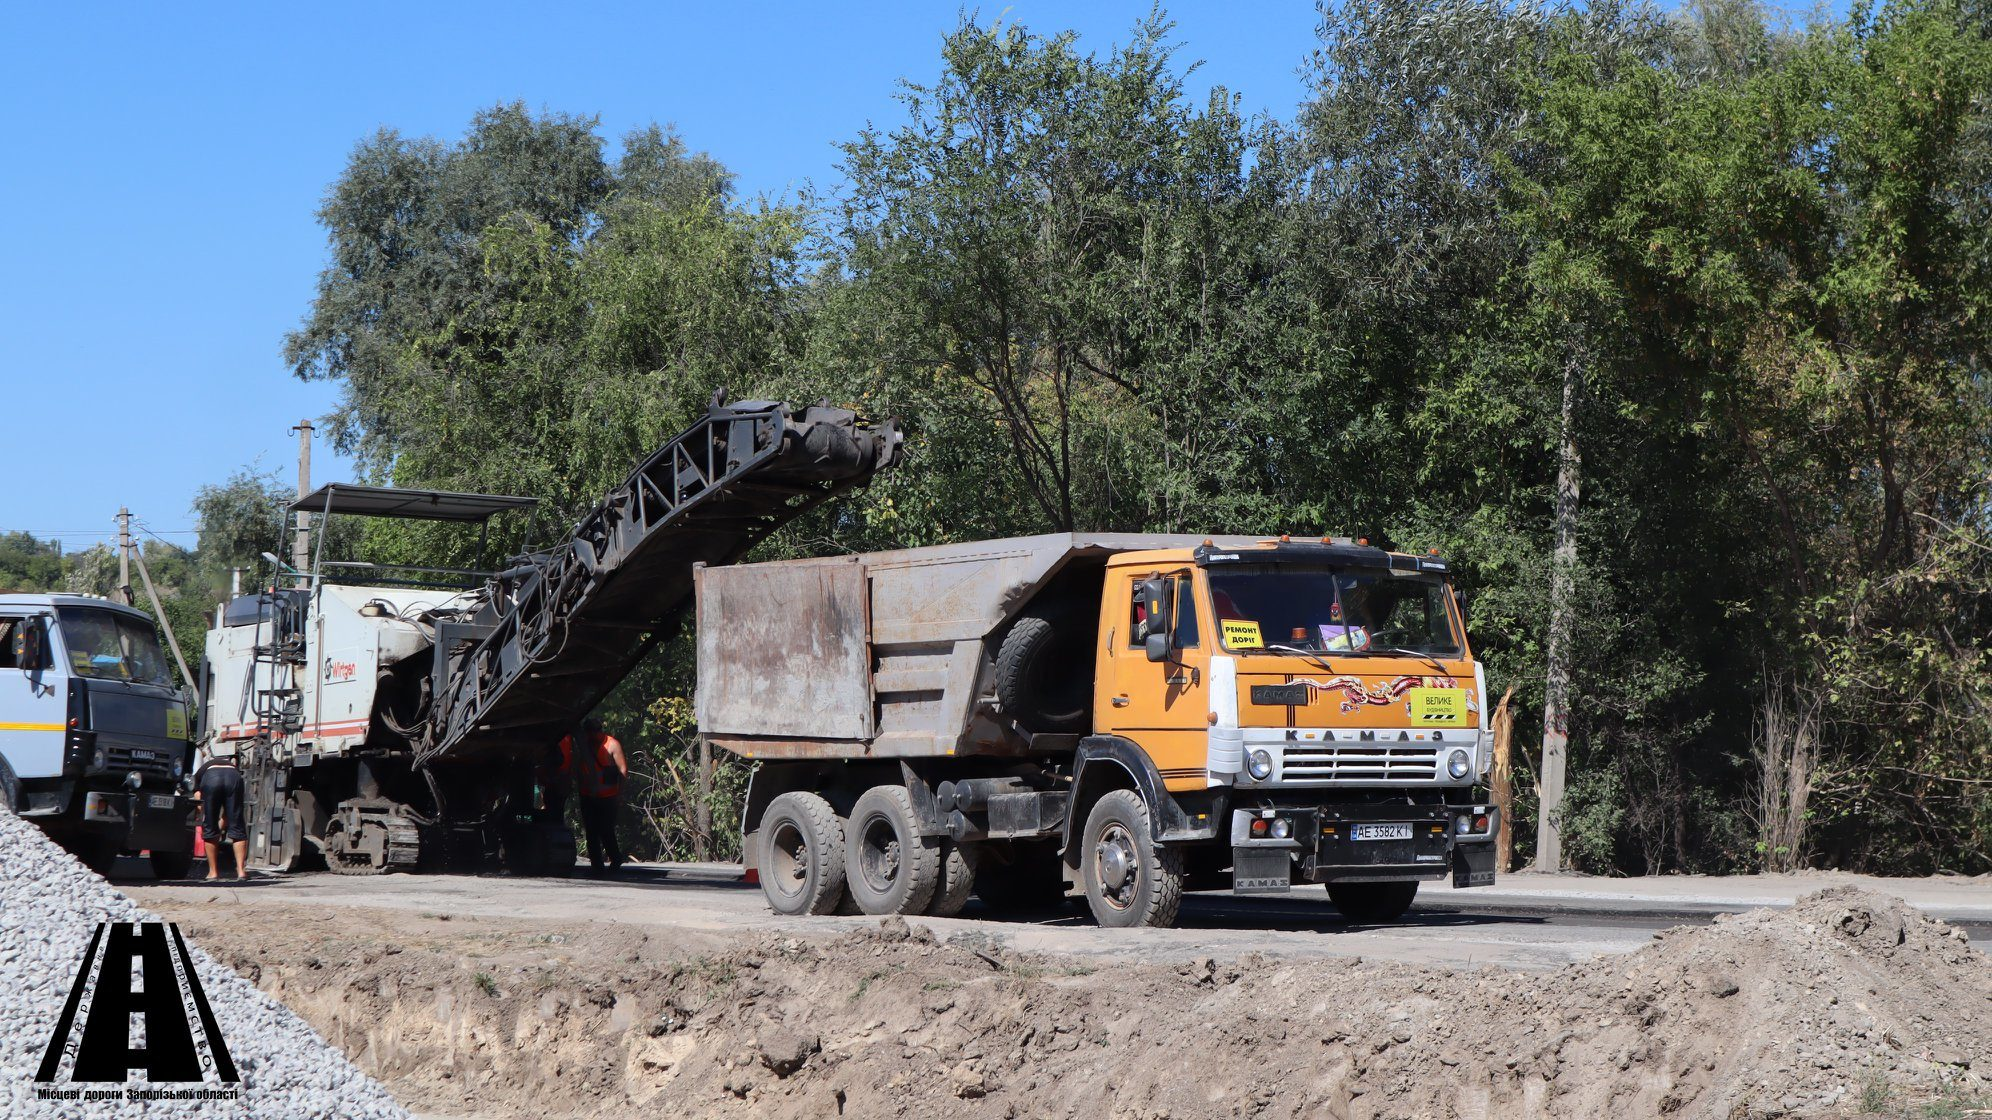 В Запорожском районе 2 километра разбитой дороги капитально ремонтируют за 50 миллионов гривен, – ФОТОРЕПОРТАЖ